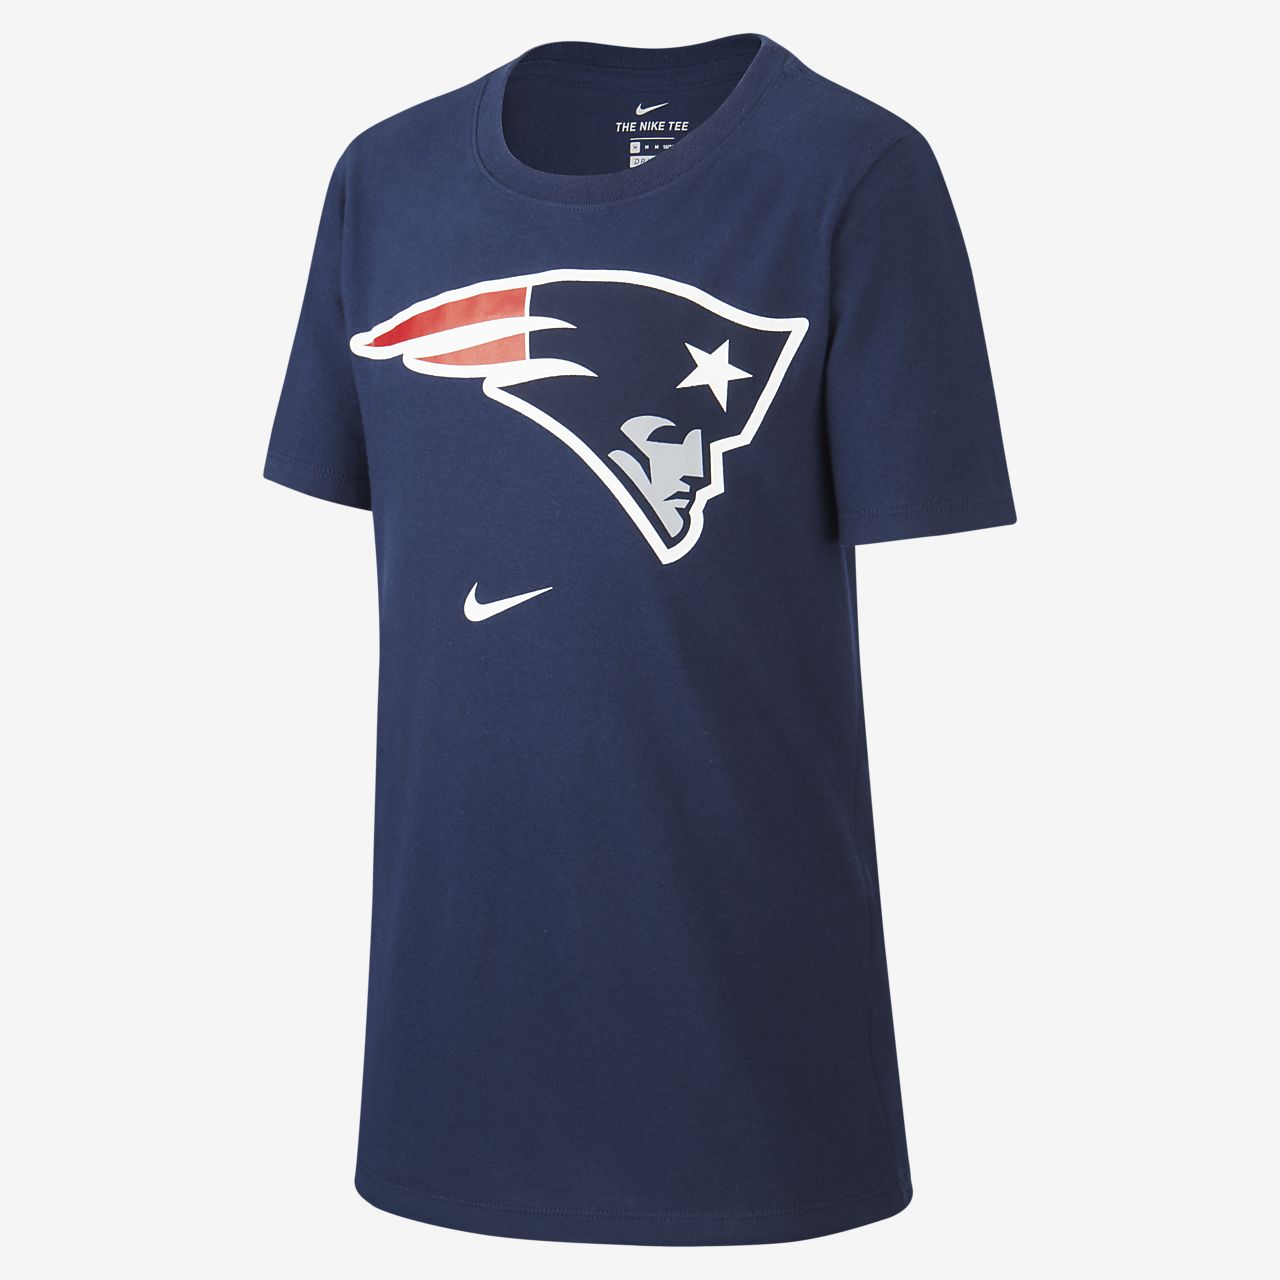 Nike Dri-FIT (NFL Patriots) Older Kids' T-Shirt